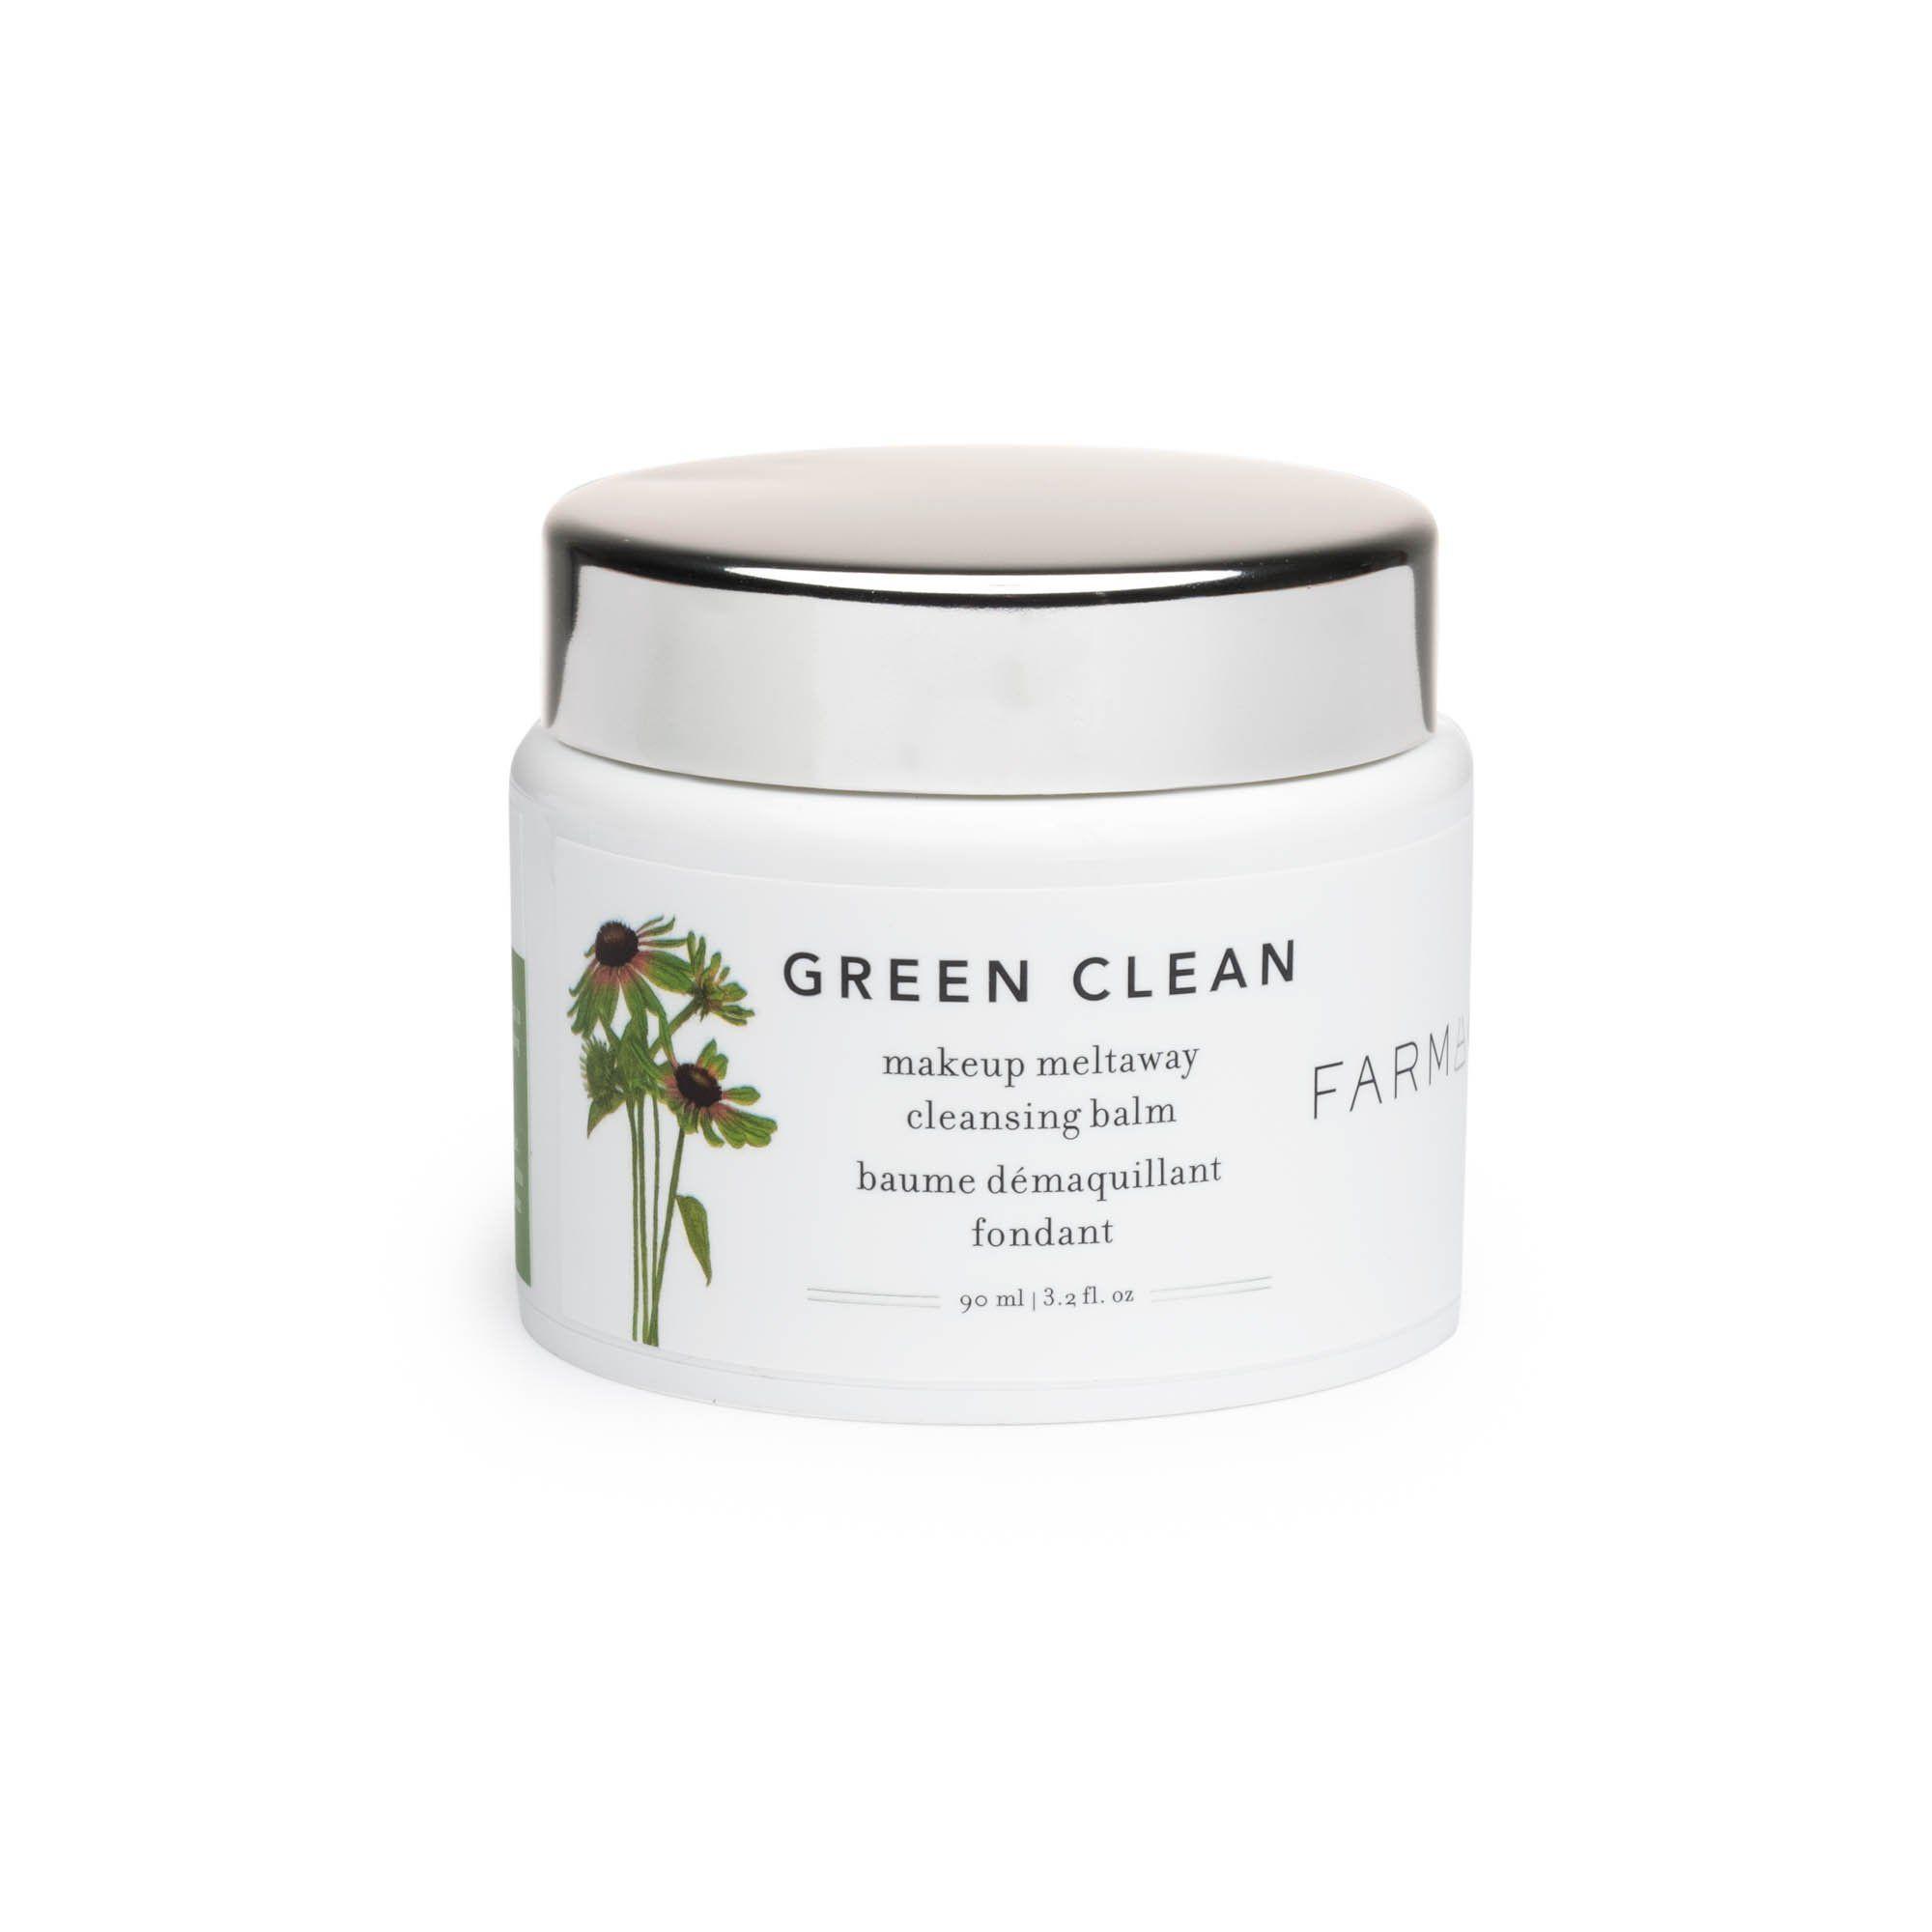 Makeup Meltaway Cleansing Balm